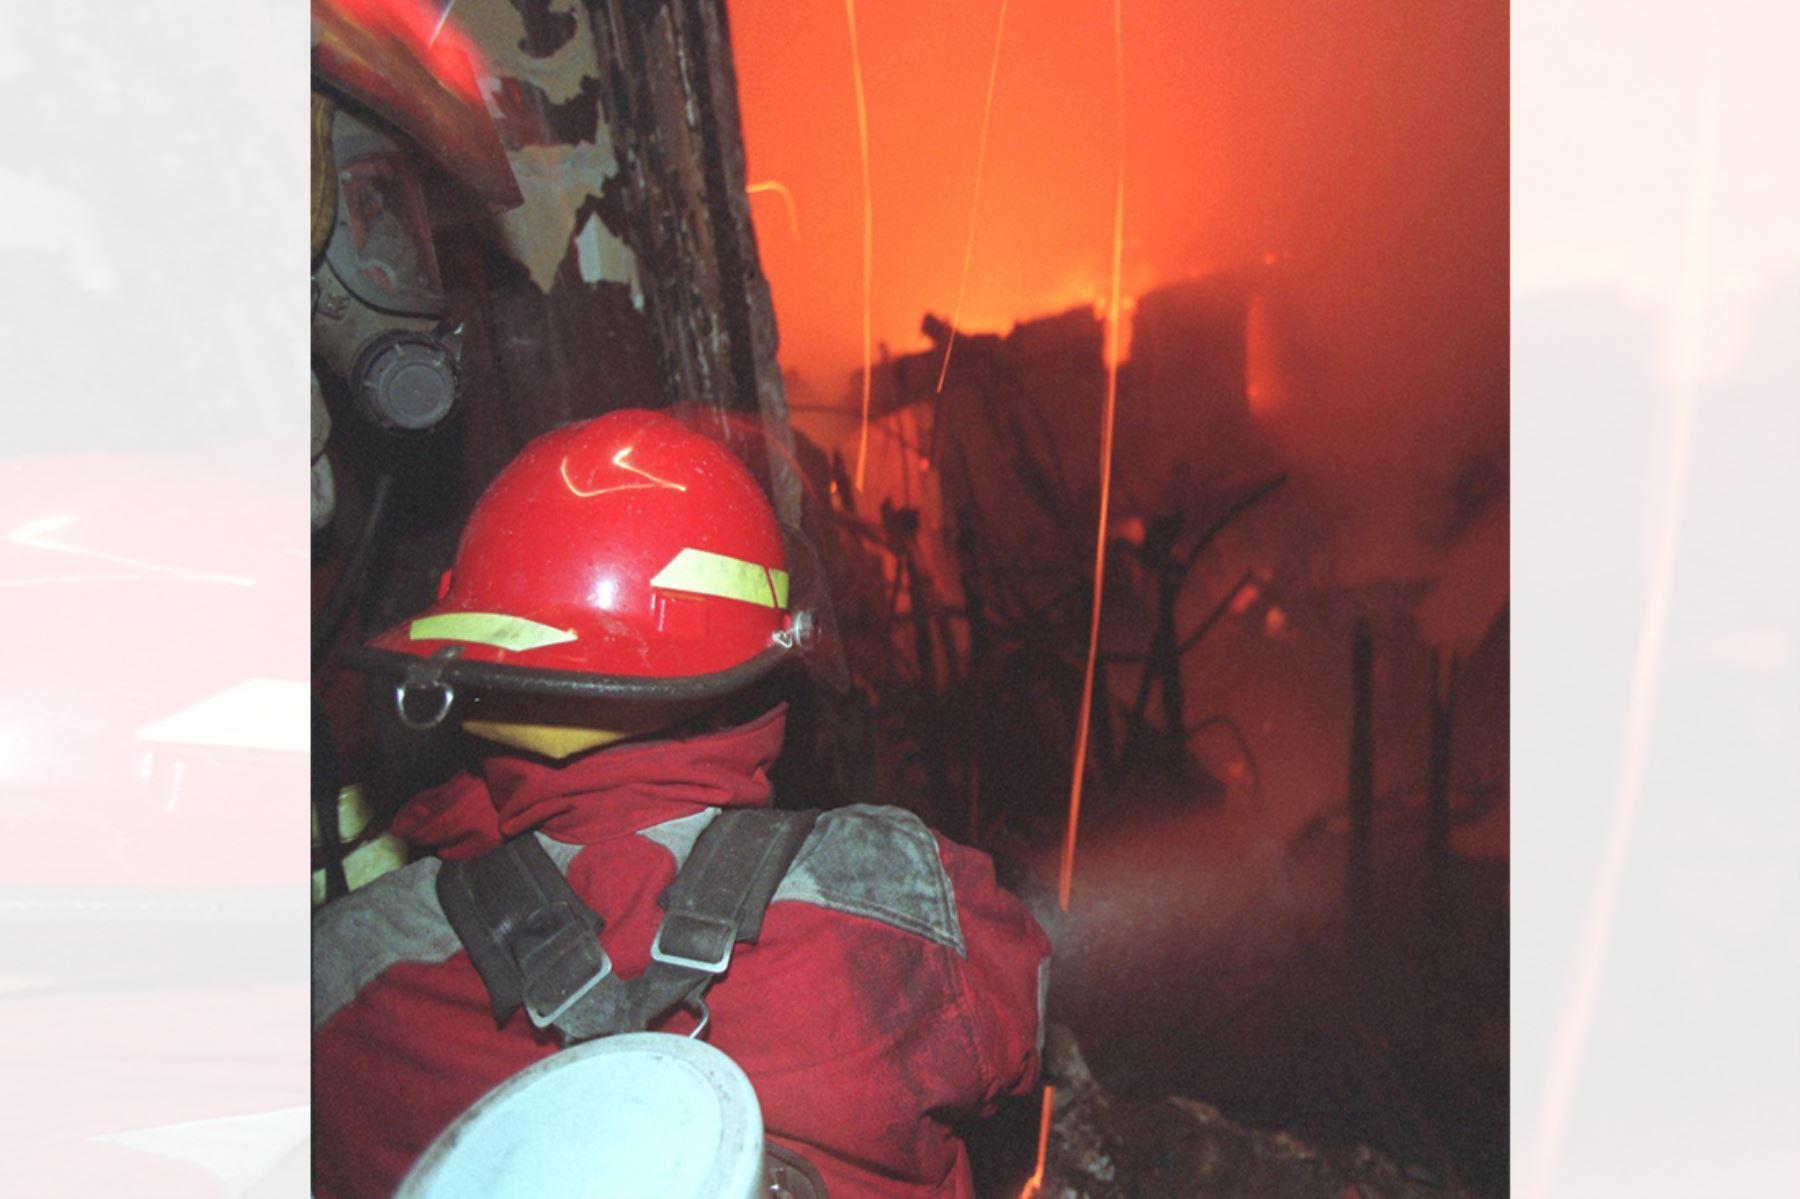 Bomberos tratan de apagar el fuego en el interior del Teatro Municipal de Lima luego de que un corto circuito propagara un incendio el 02 Agosto de 1998. Foto: AFP